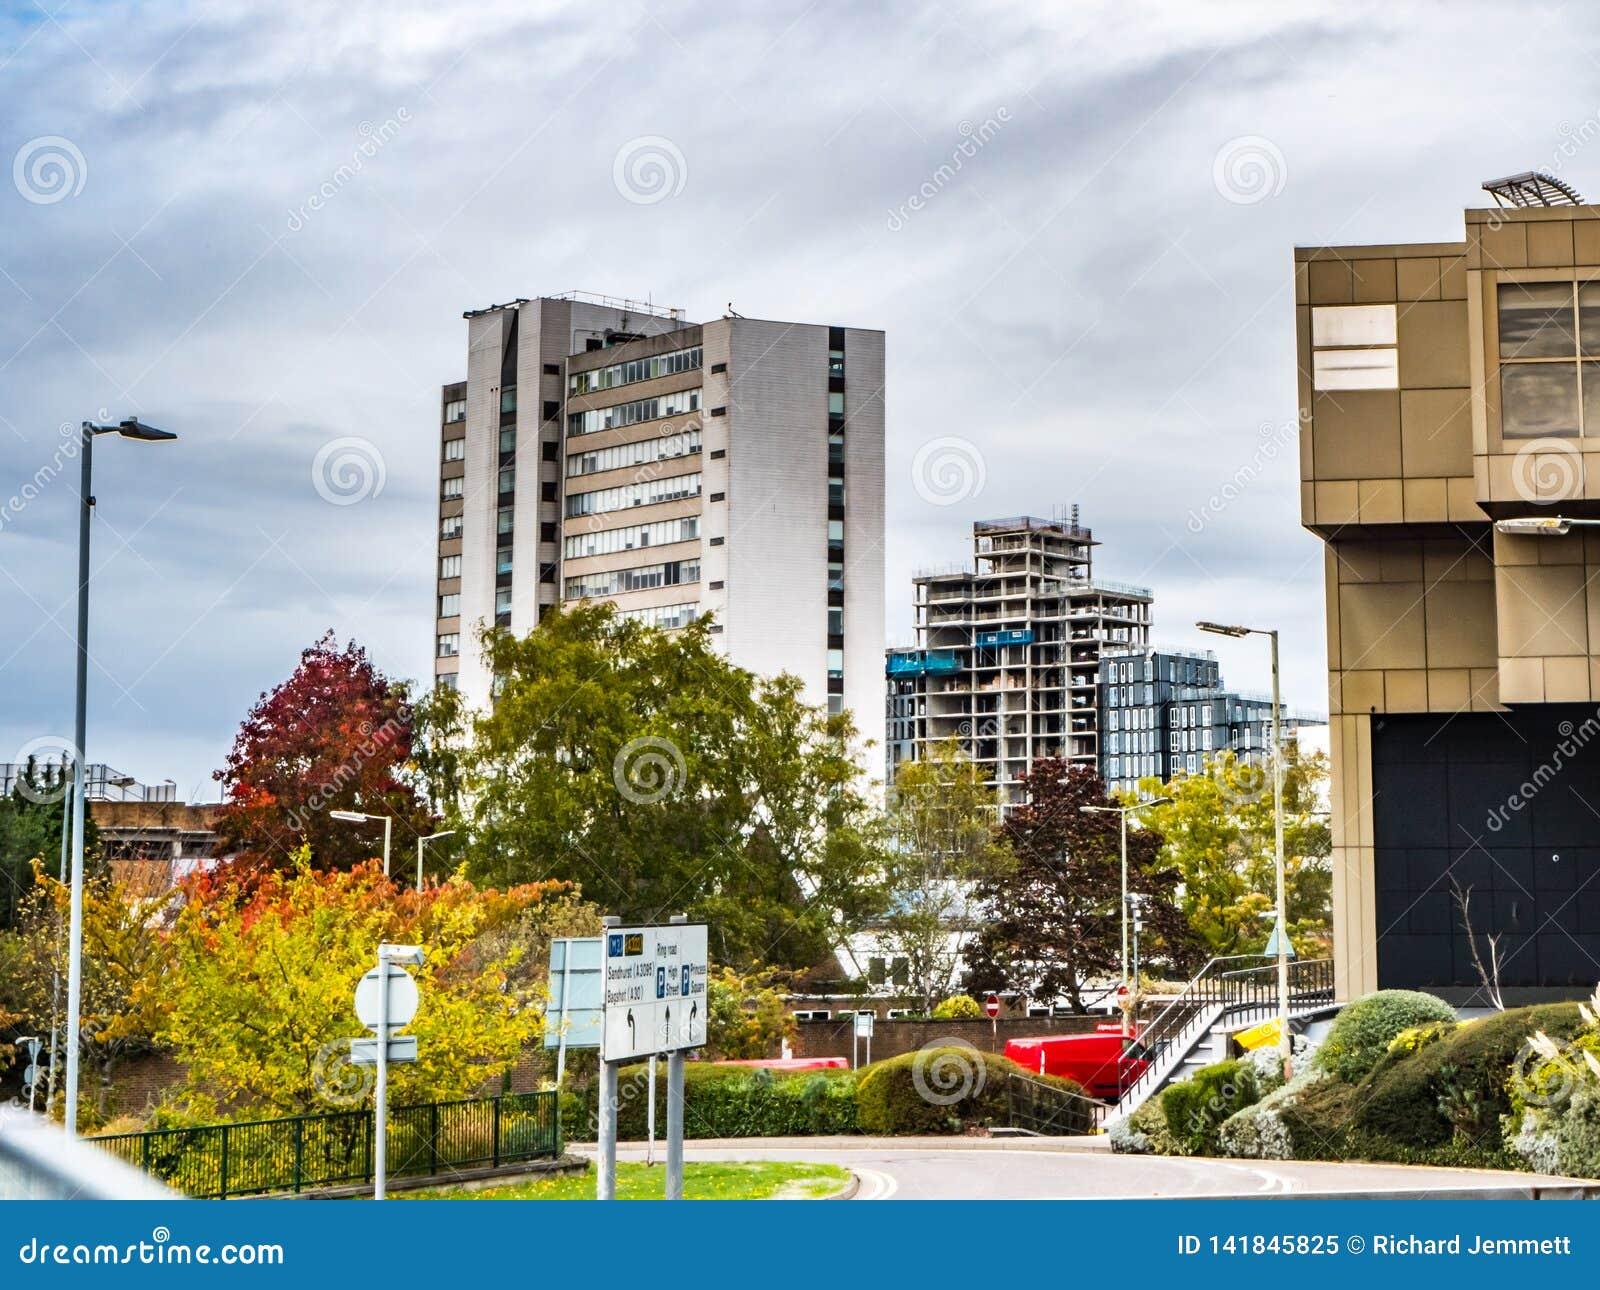 Bracknell, Berkshire Engeland 12 Oktober, 2018: Stadscentrum en nieuwe gebouwen met inbegrip van lexicon en nieuwe vlakten